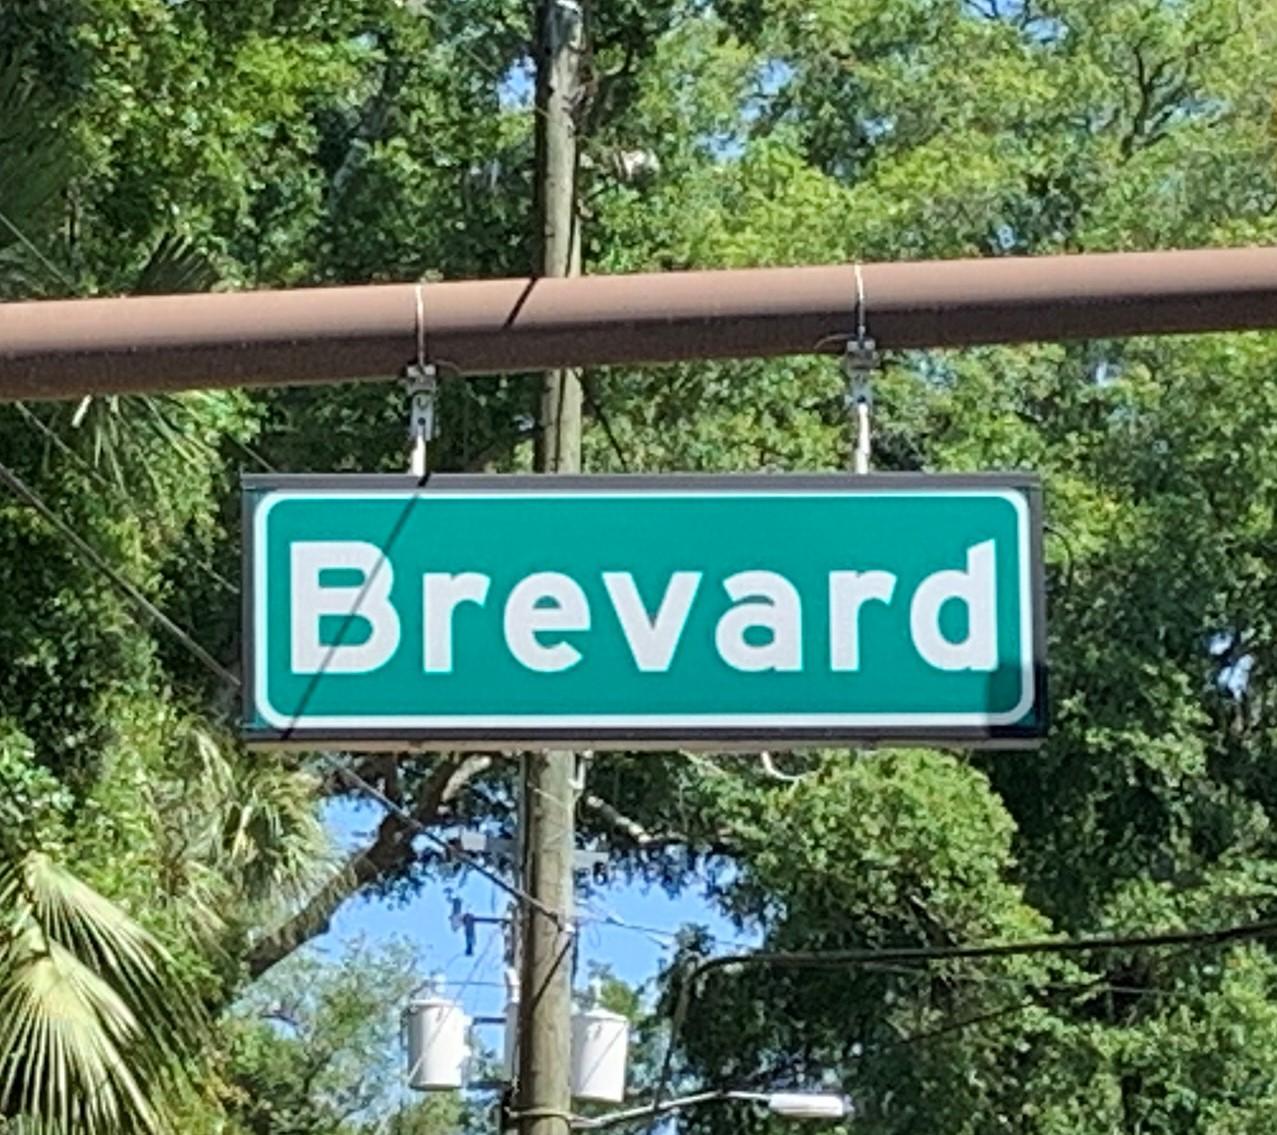 Brevard Street signage